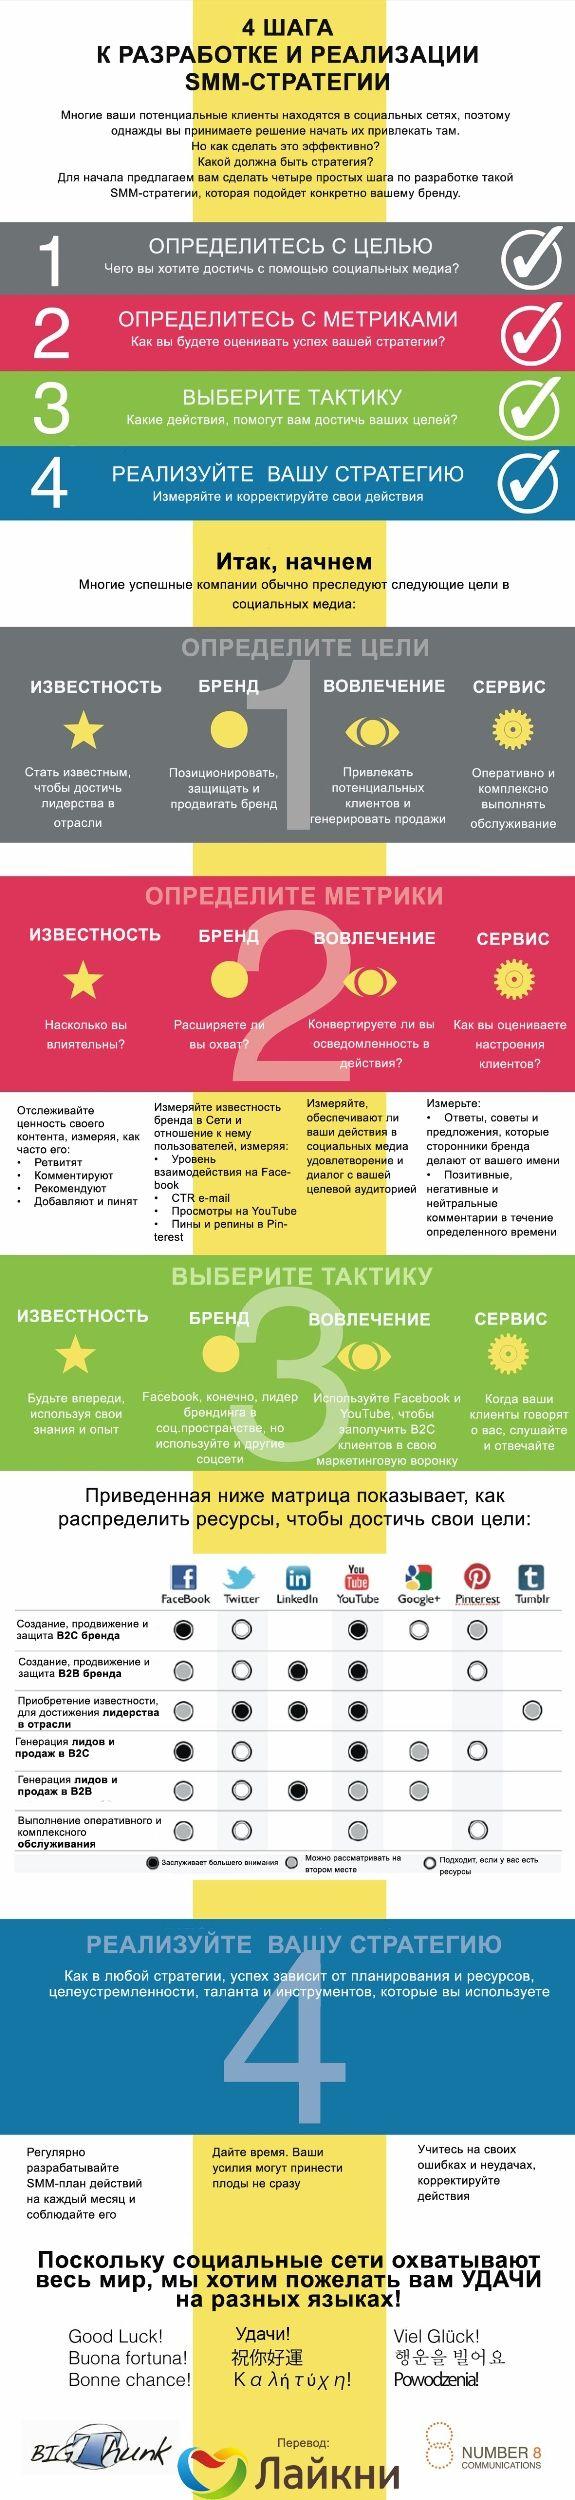 Инфографика: 4 шага к разработке и реализации SMM-стратегии